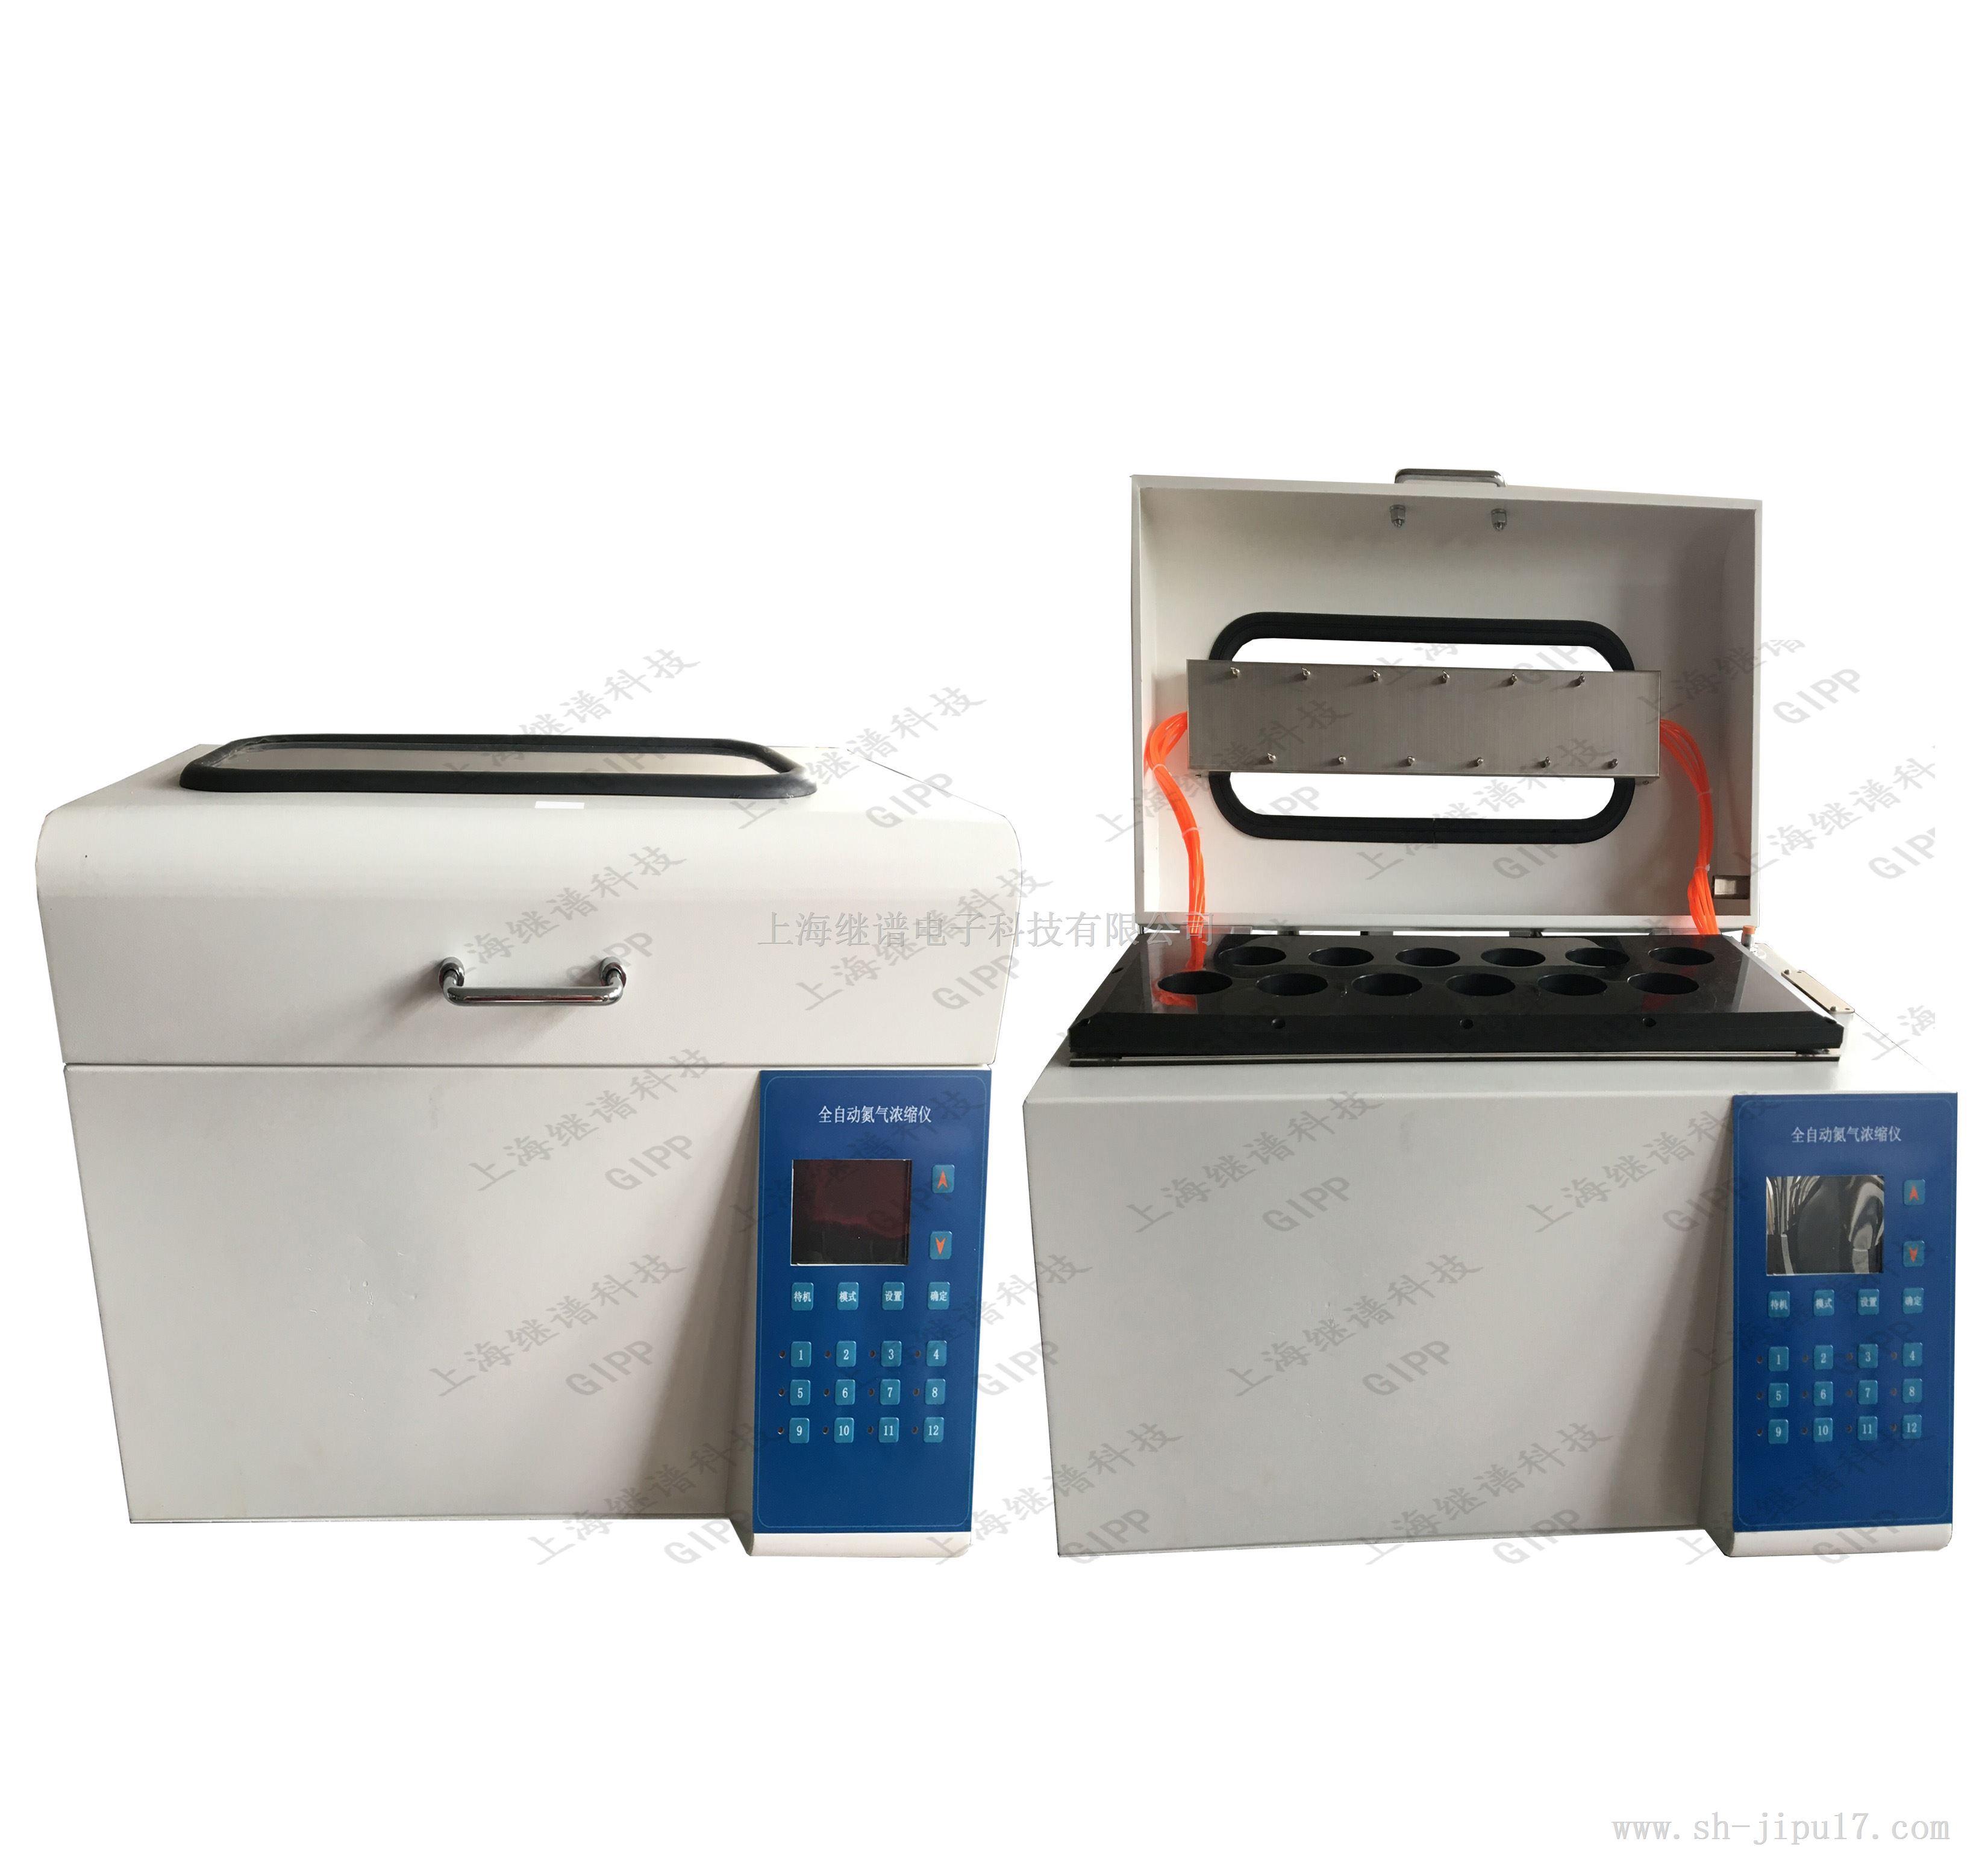 60孔全自动氮气浓缩仪-氮吹仪(多通道平行浓缩仪)